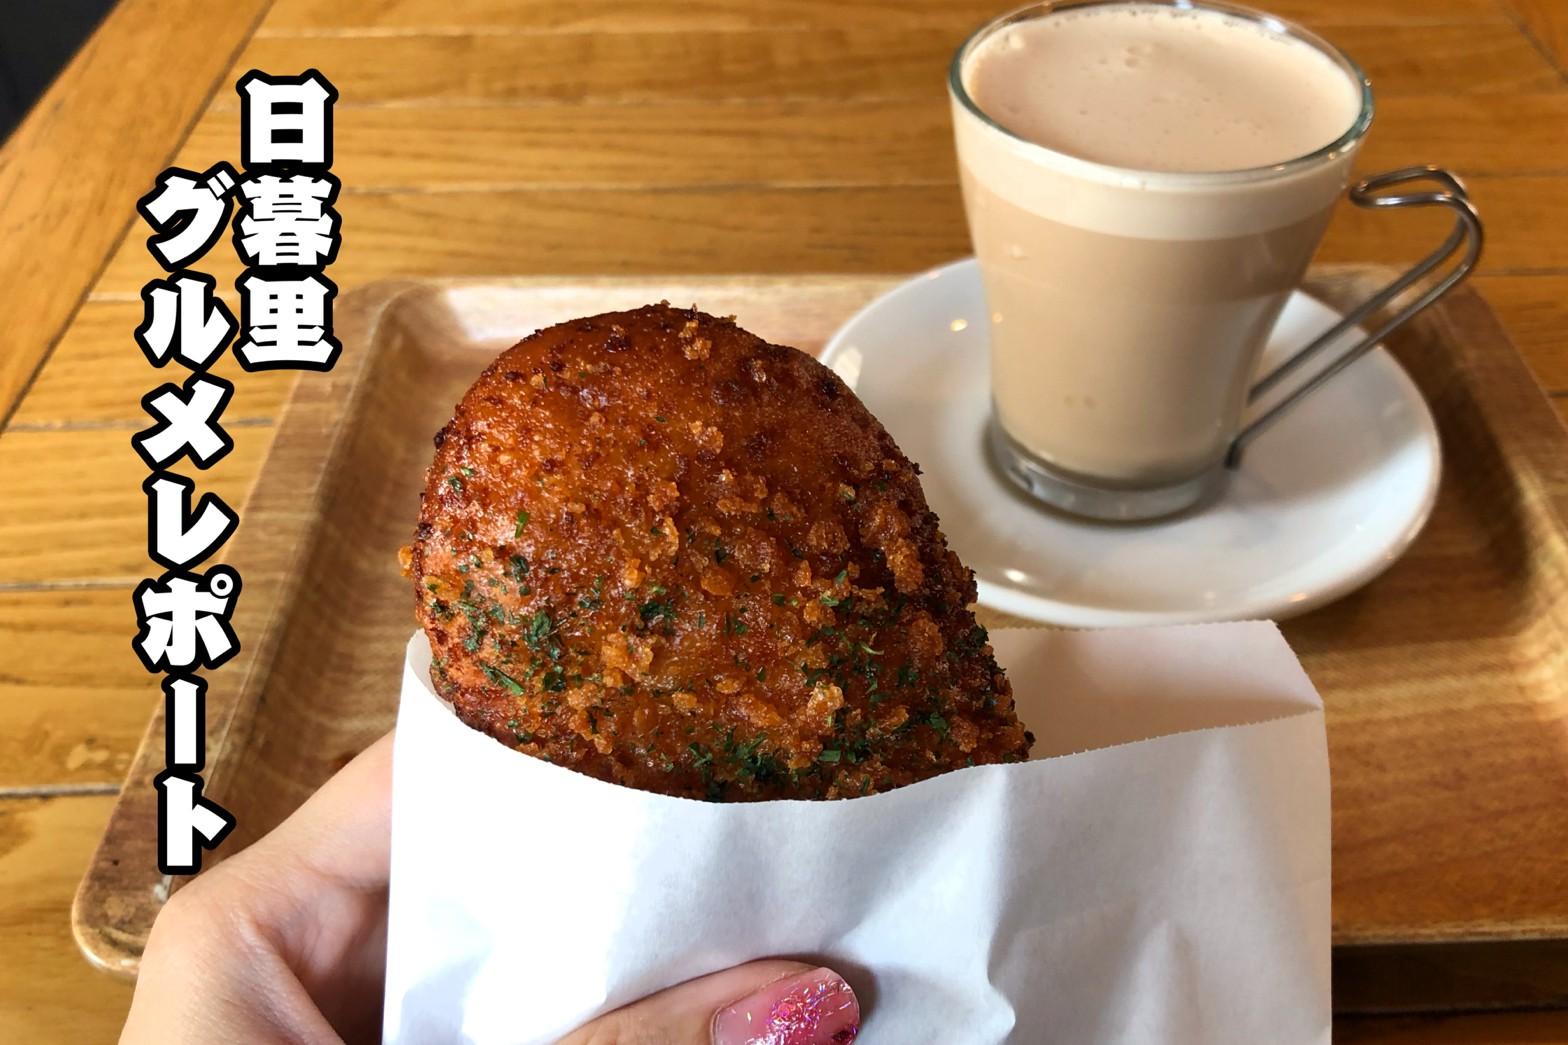 【日暮里グルメレポート】日暮里のパン屋「ひぐらしガーデン」で絶品カレーパン